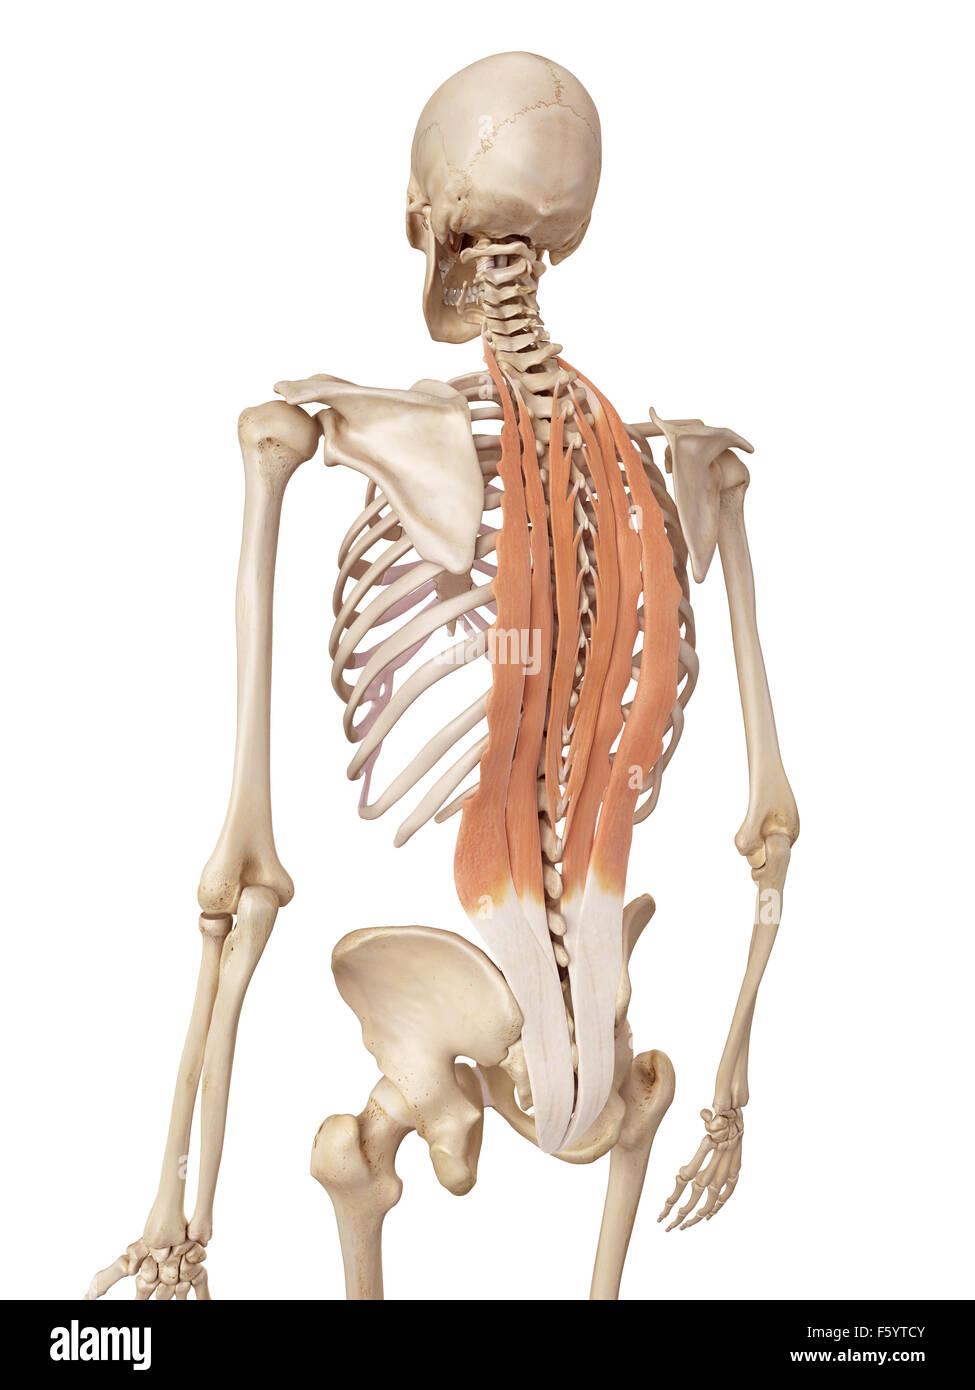 Groß Was Bedeutet Rücken In Der Anatomie Bilder - Anatomie Ideen ...